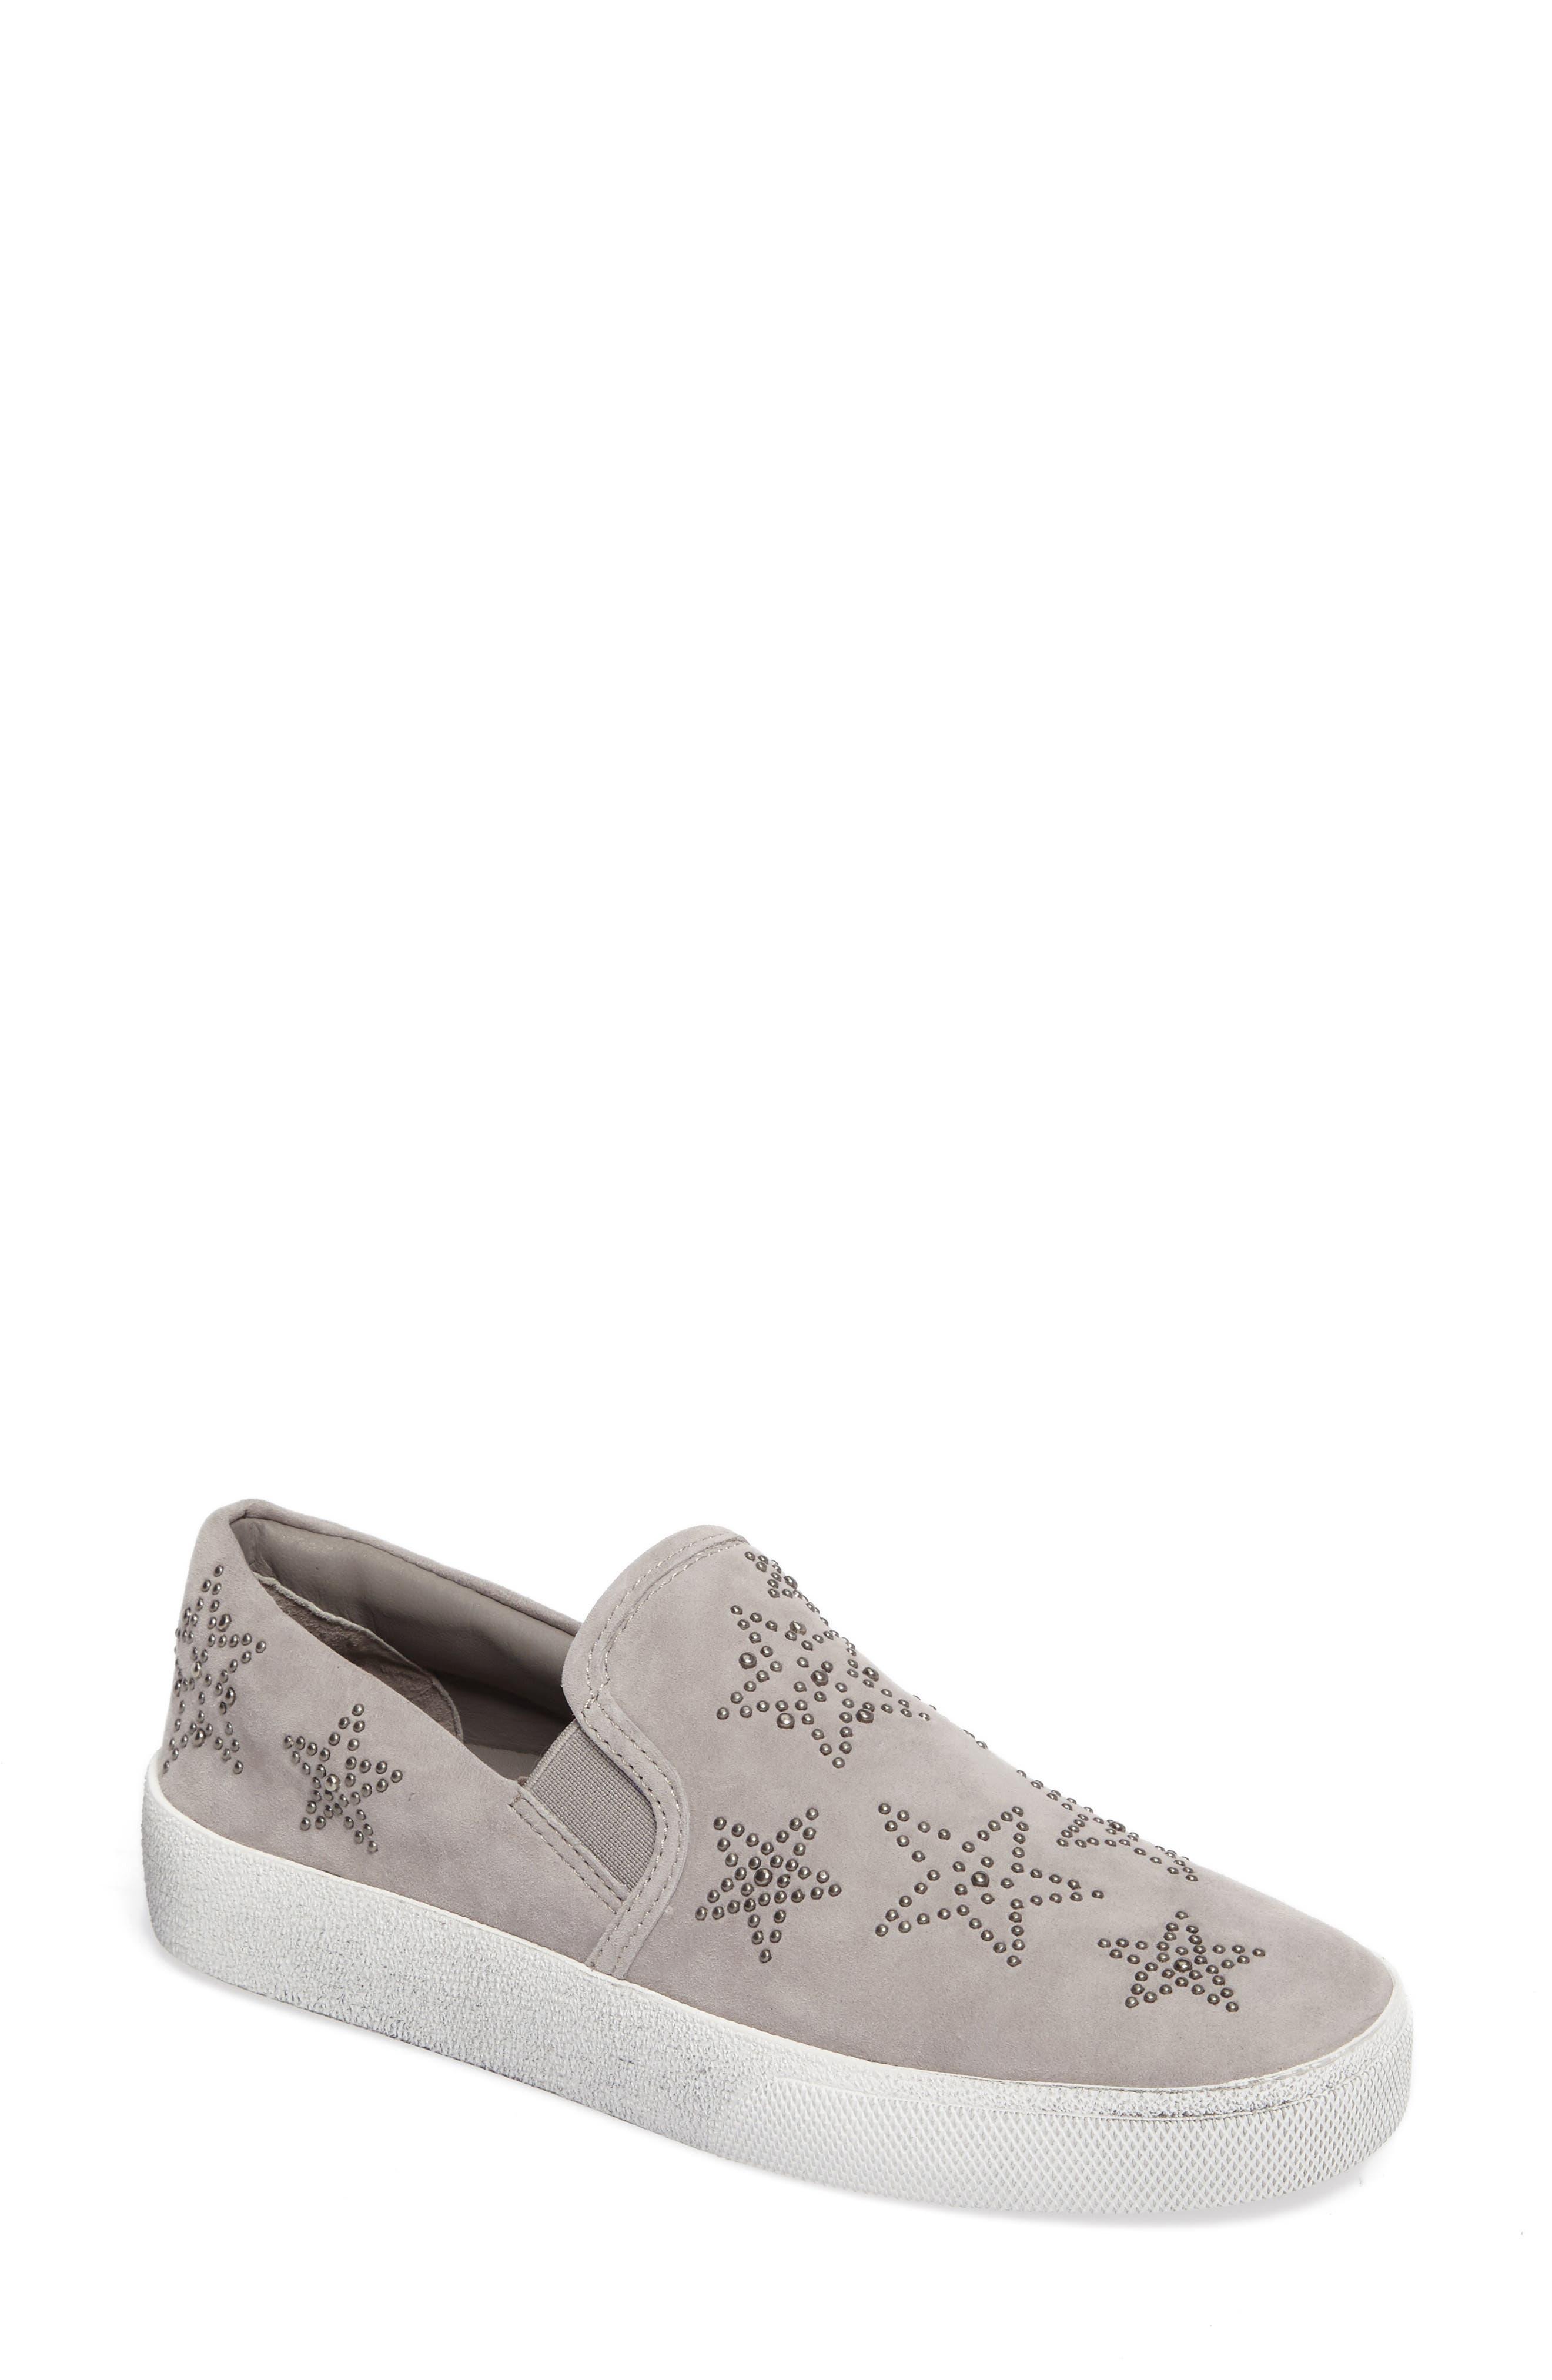 Star Slip-On Sneaker,                             Main thumbnail 5, color,